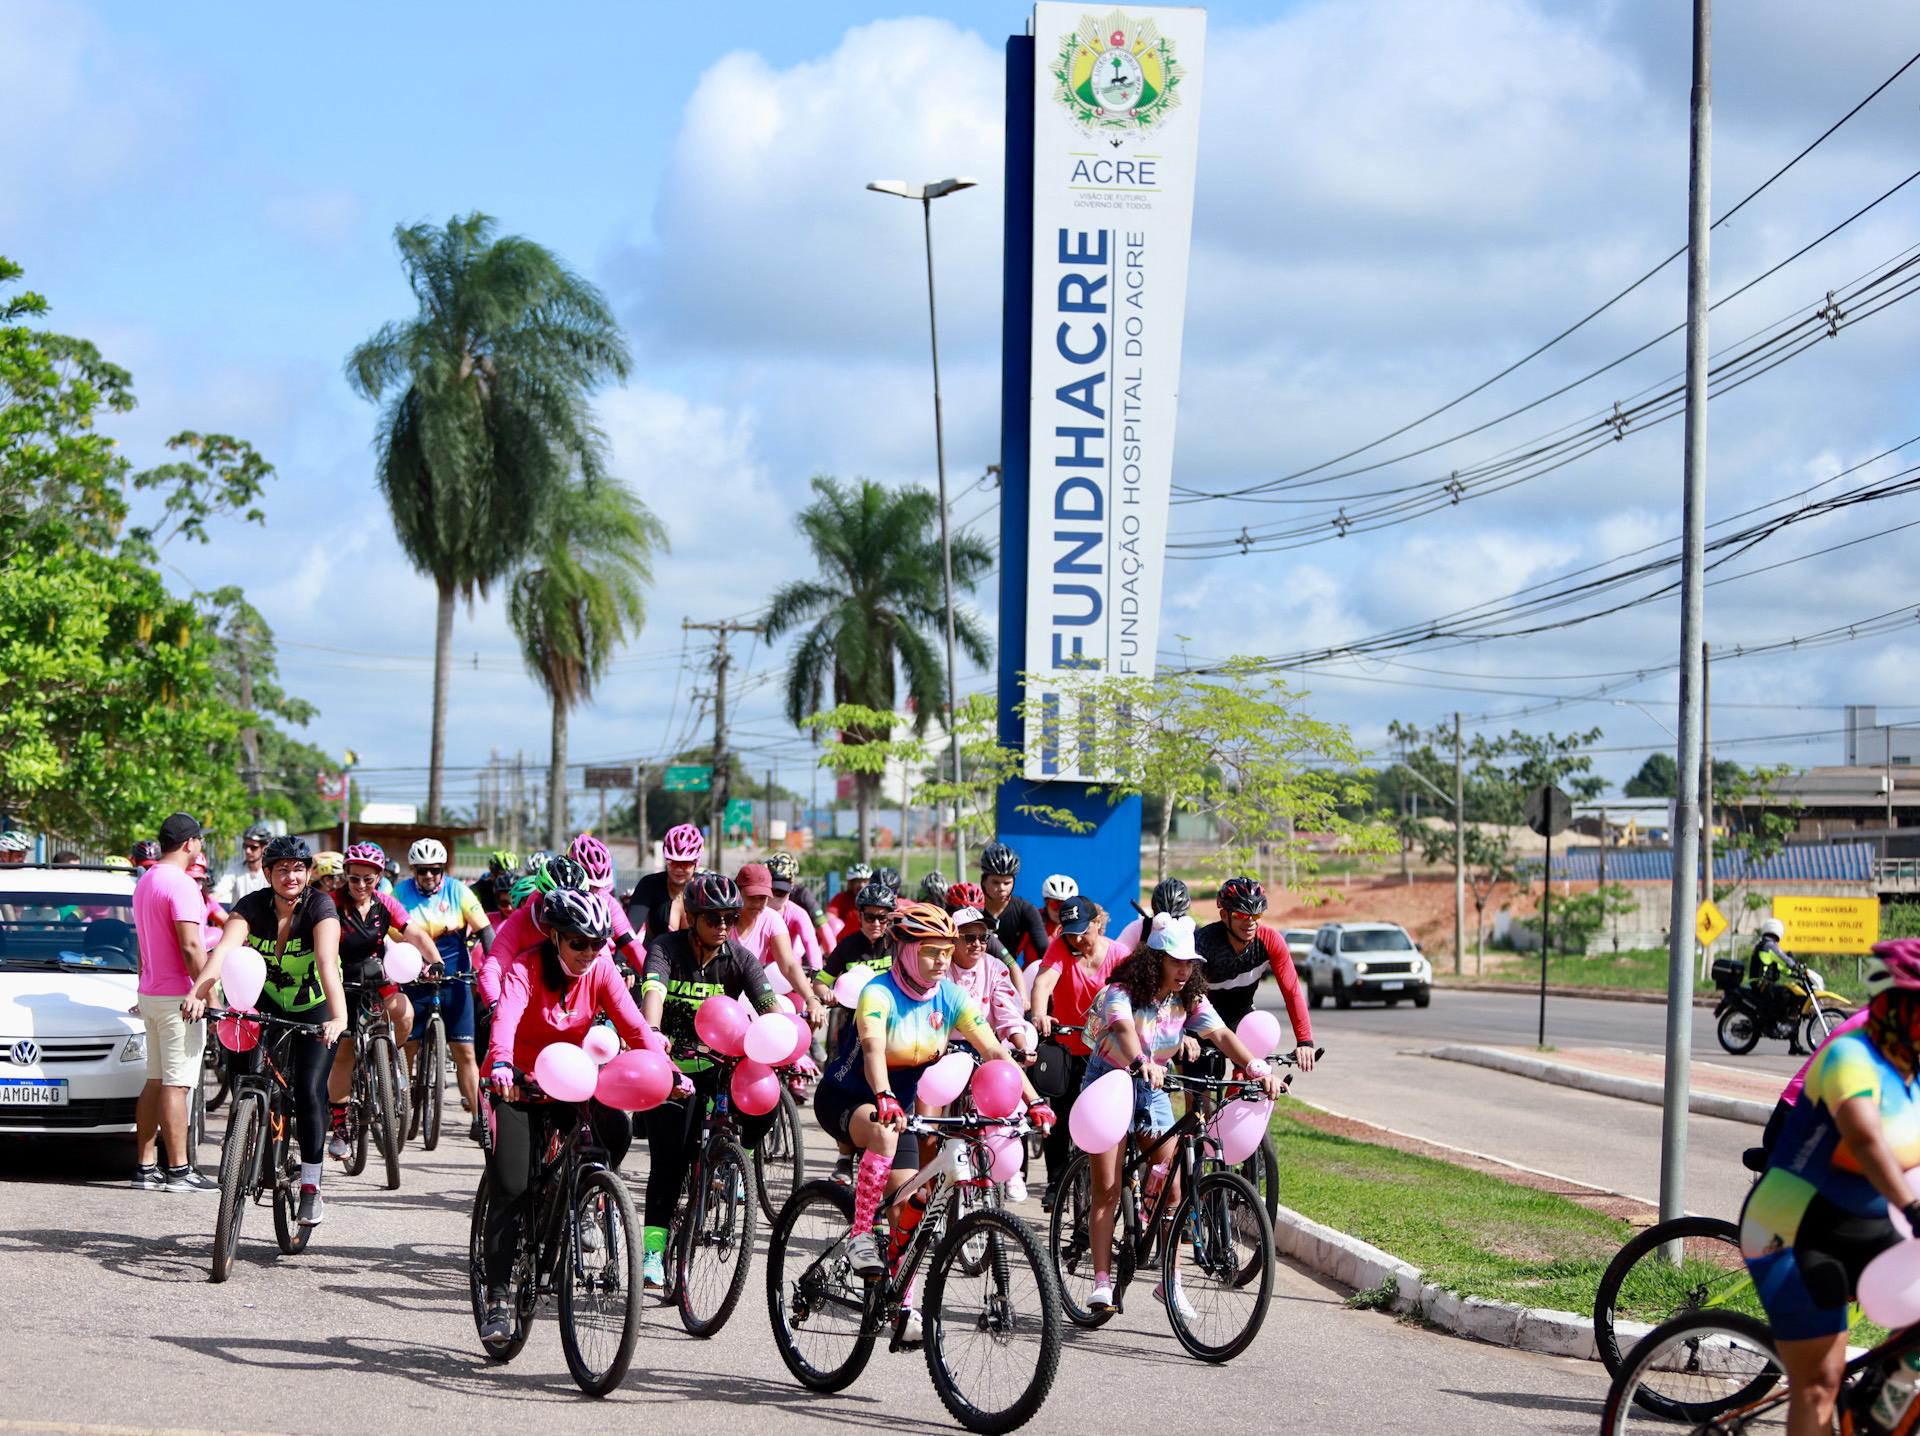 Fundhacre realiza cicleata em alusão ao Outubro Rosa